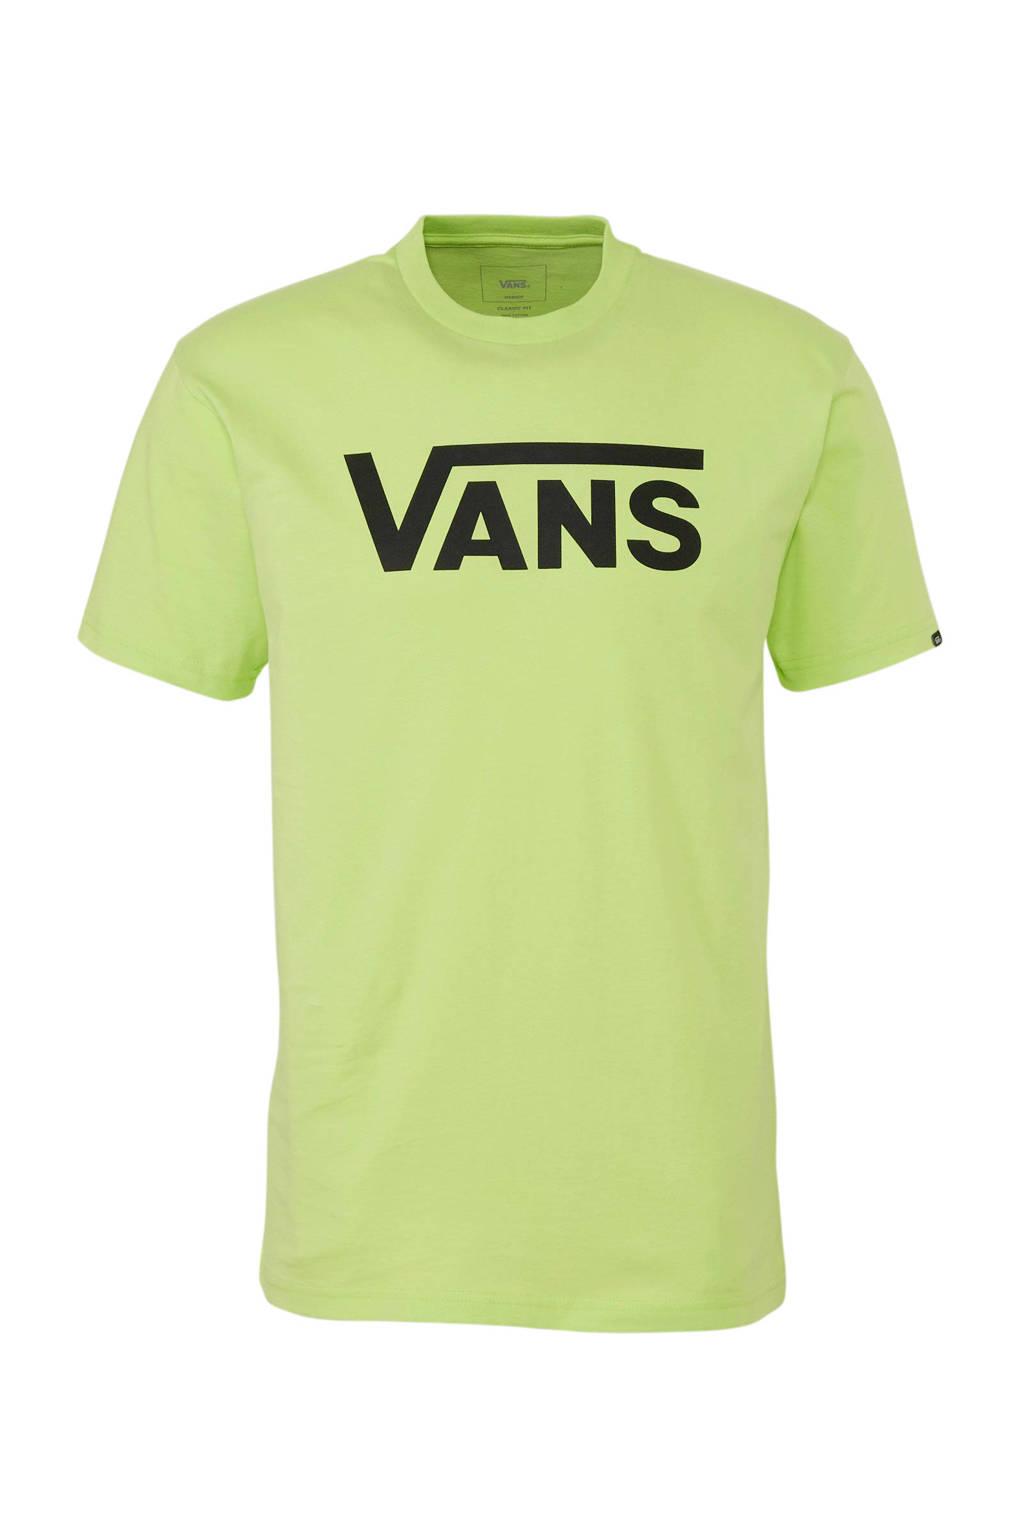 VANS   T-shirt met logo neon groen, neon groen/zwart